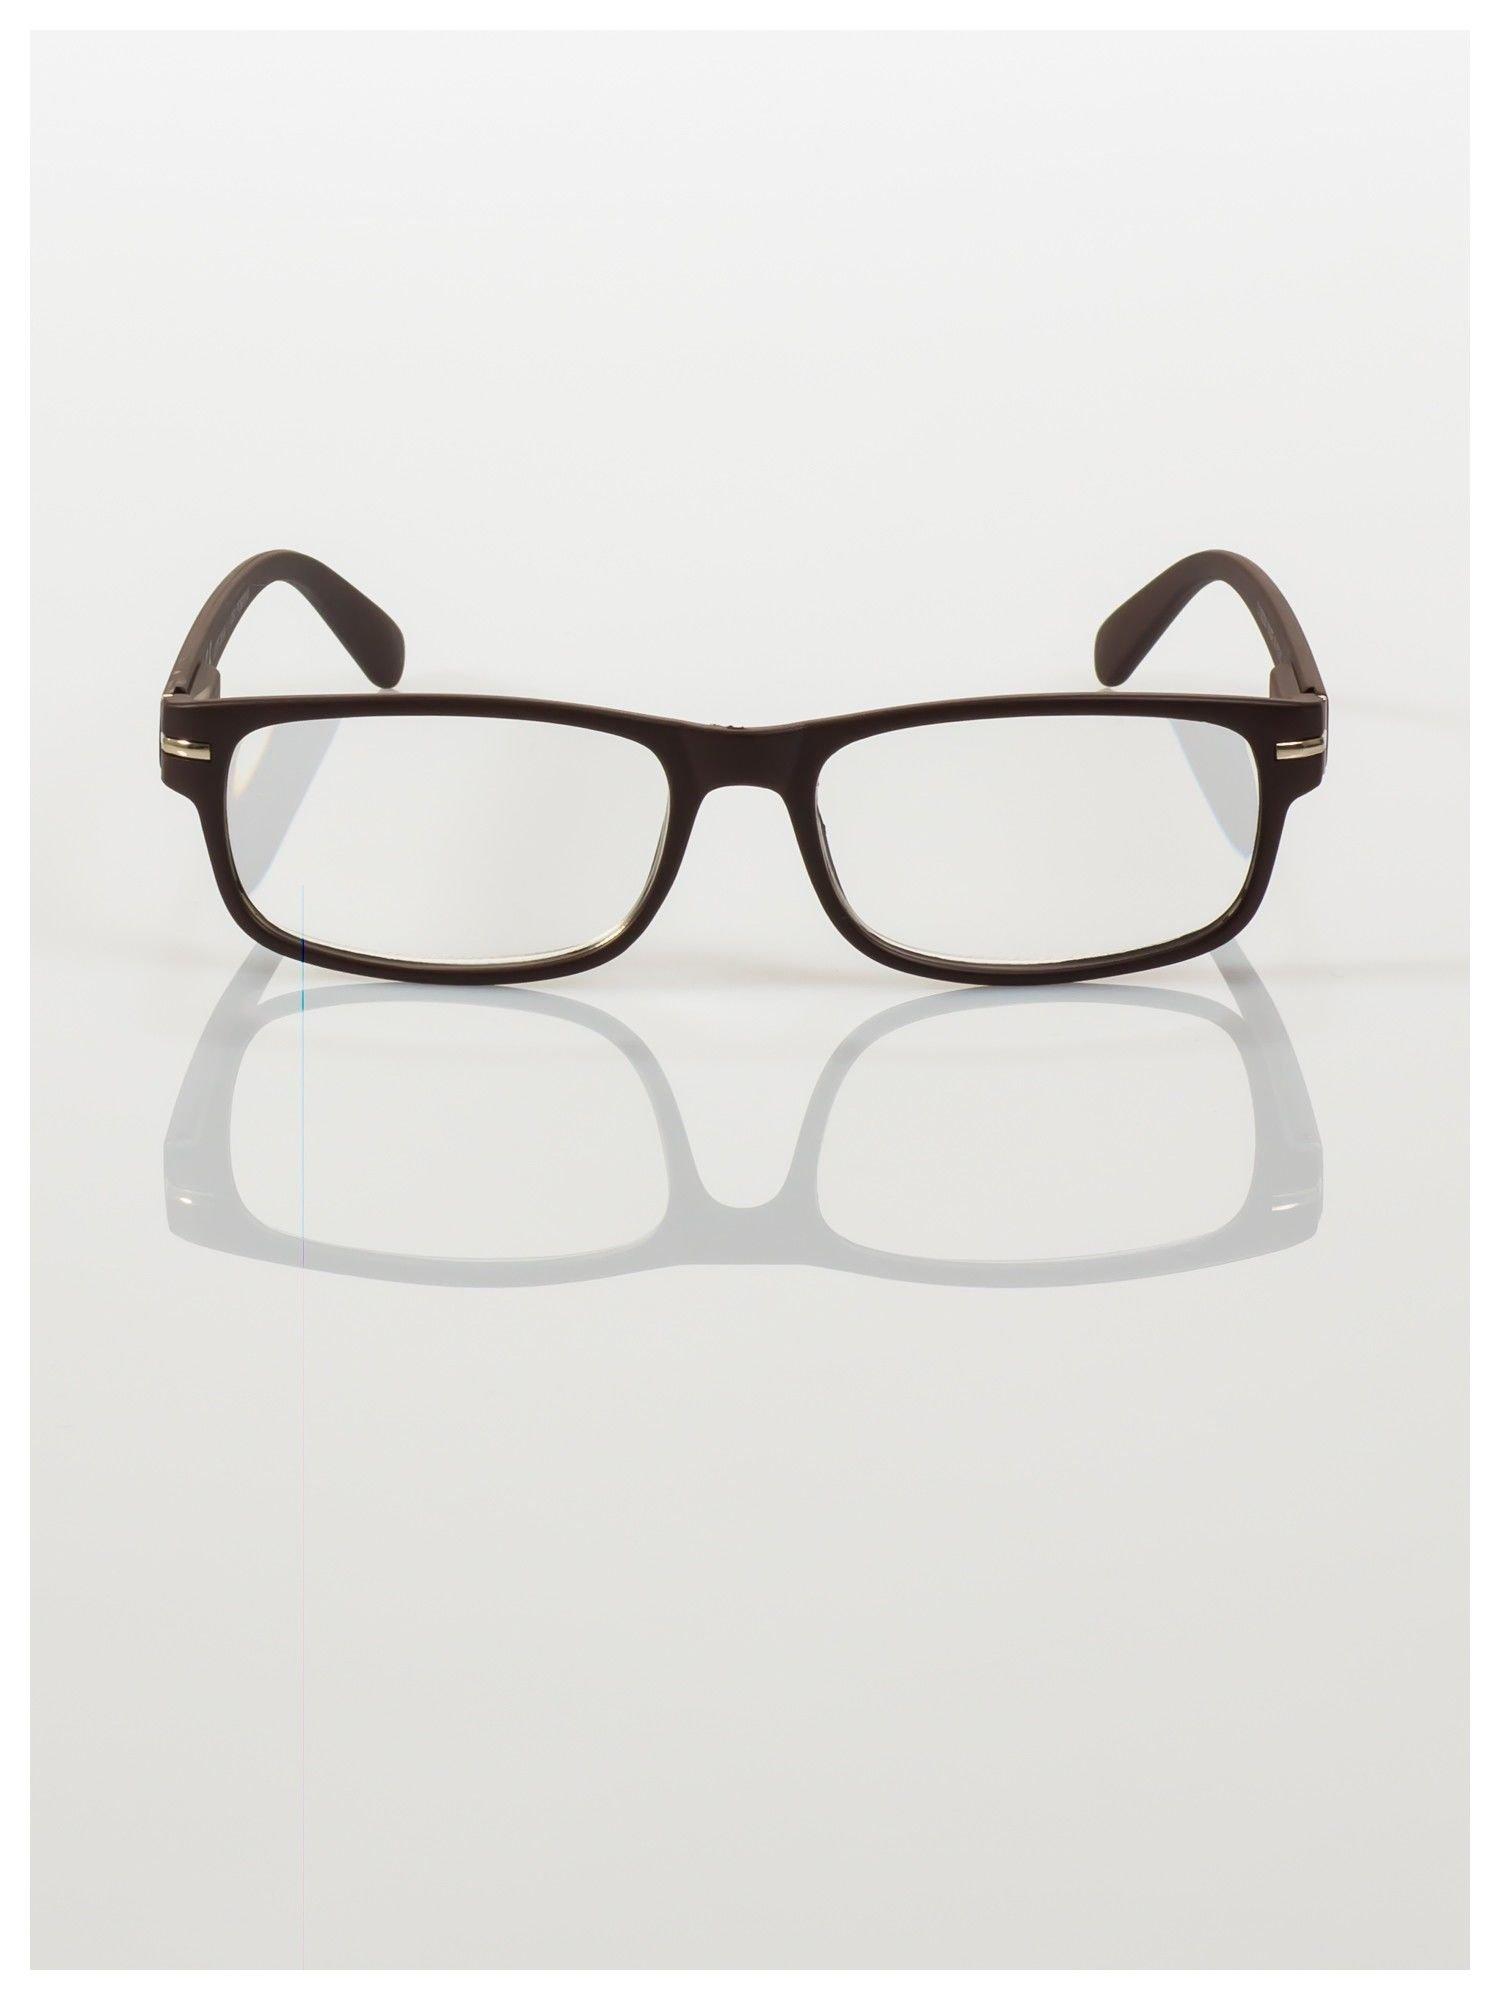 Eleganckie brązowe matowe korekcyjne okulary do czytania +3.0 D  z sytemem FLEX na zausznikach                                  zdj.                                  3